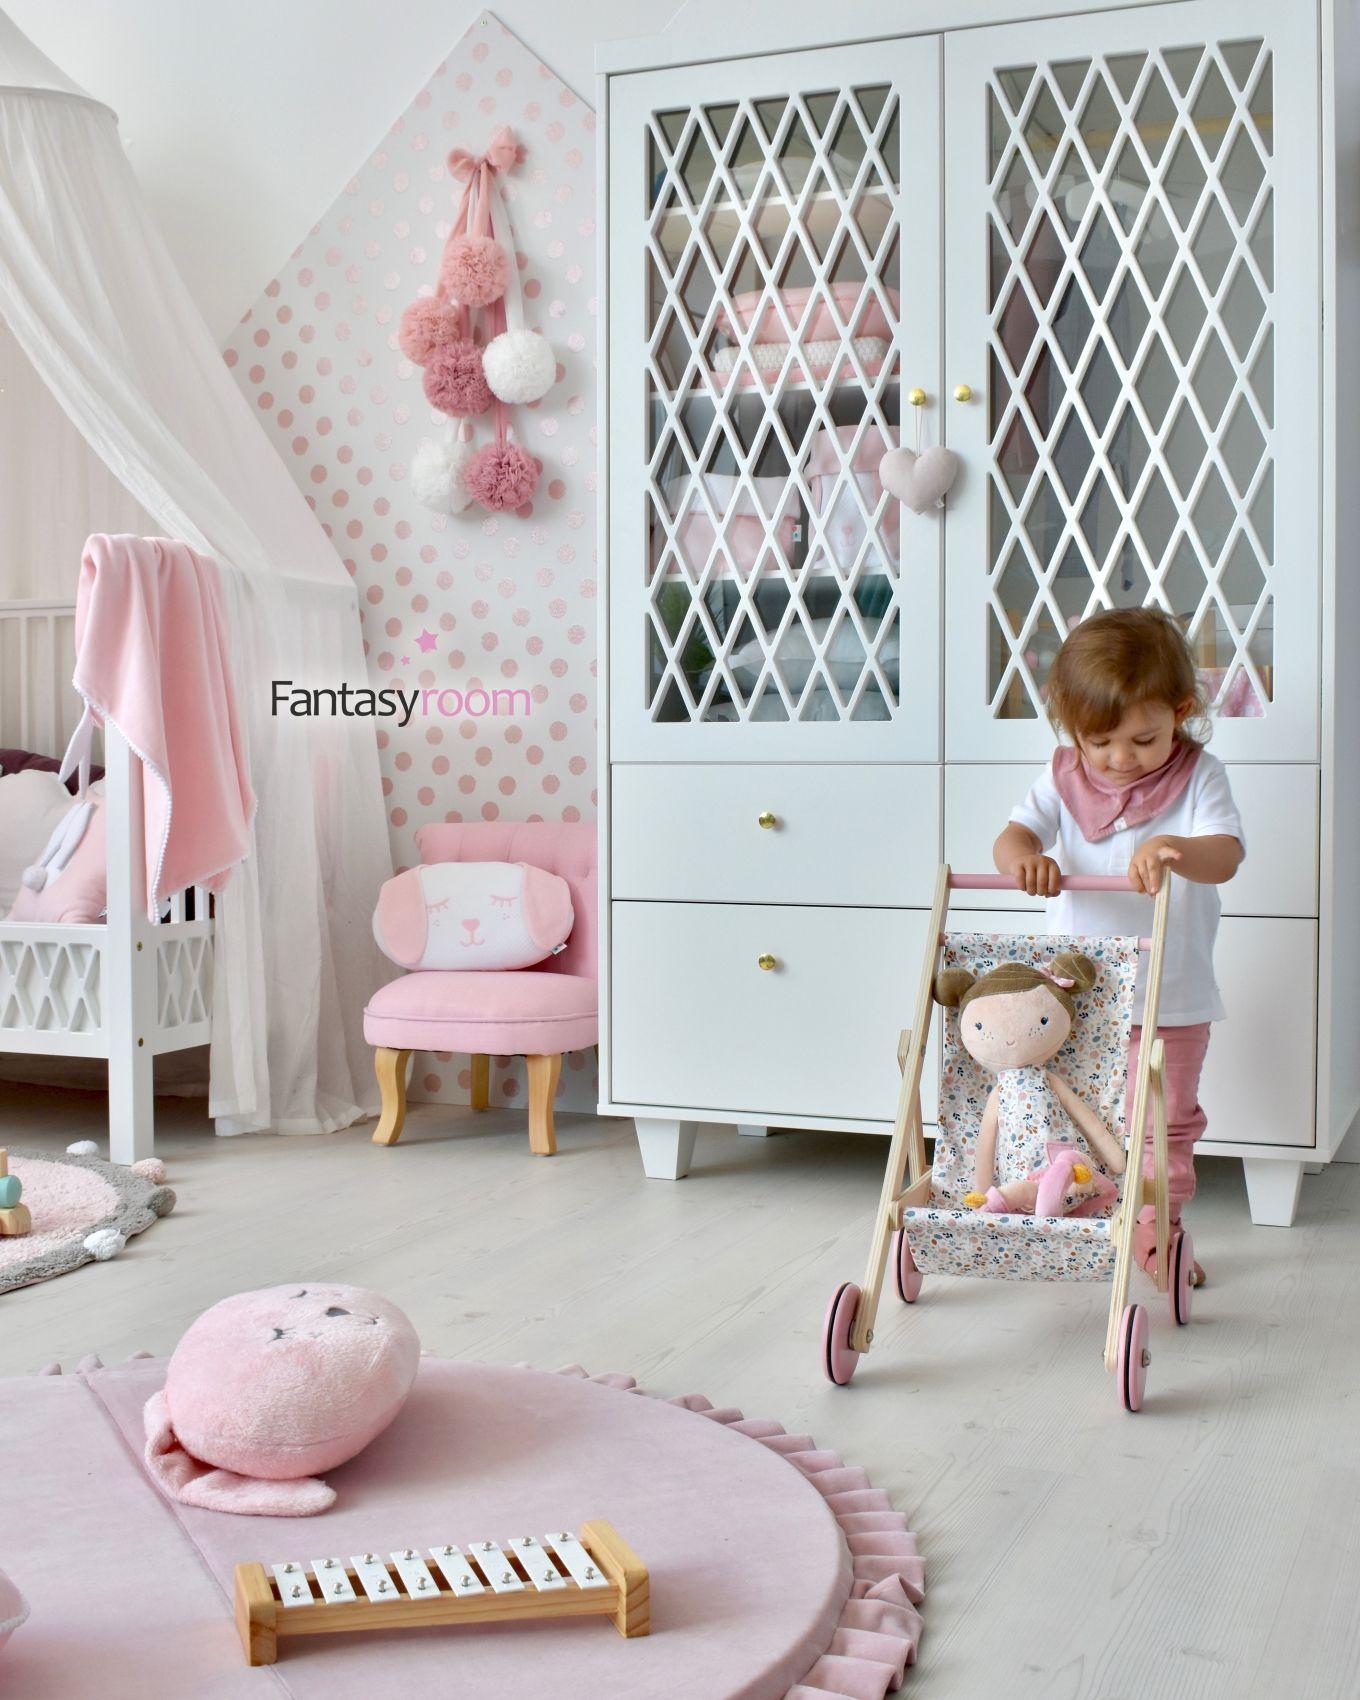 Madchenzimmer In Rosa Weiss Mit Samt Textilien Kinder Zimmer Rosa Zimmer Kinderzimmer